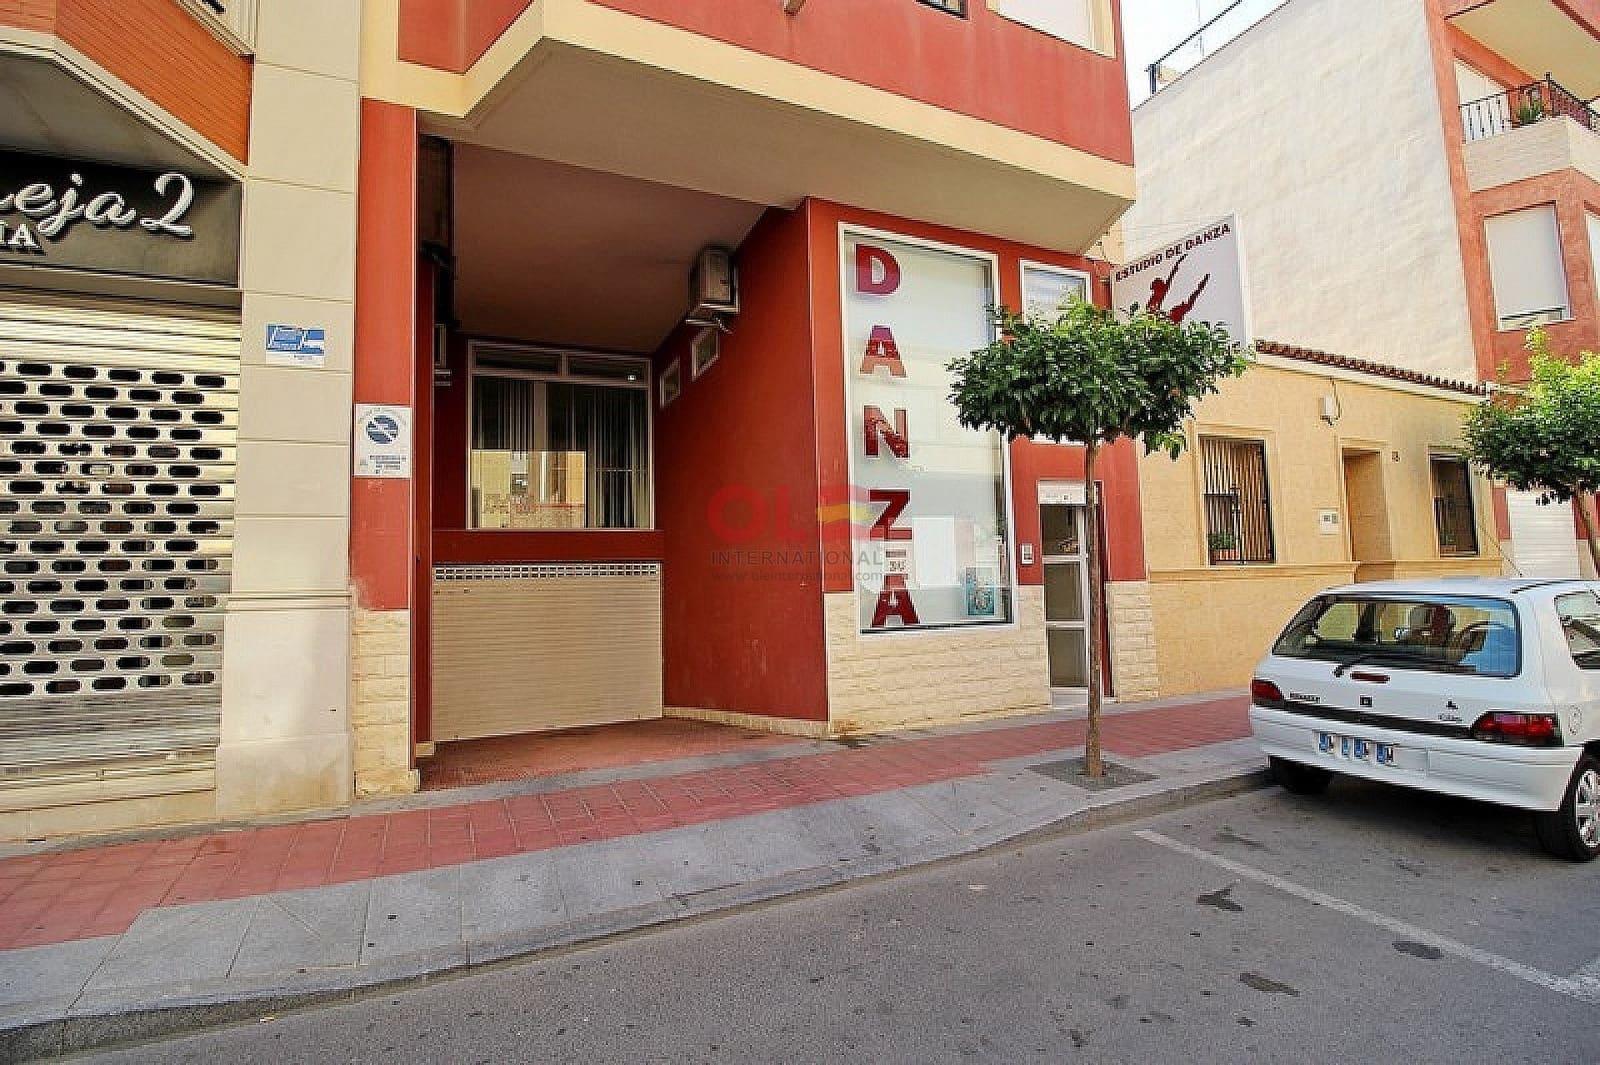 1 camera da letto Commerciale in vendita in Guardamar del Segura - 112.000 € (Rif: 4535398)